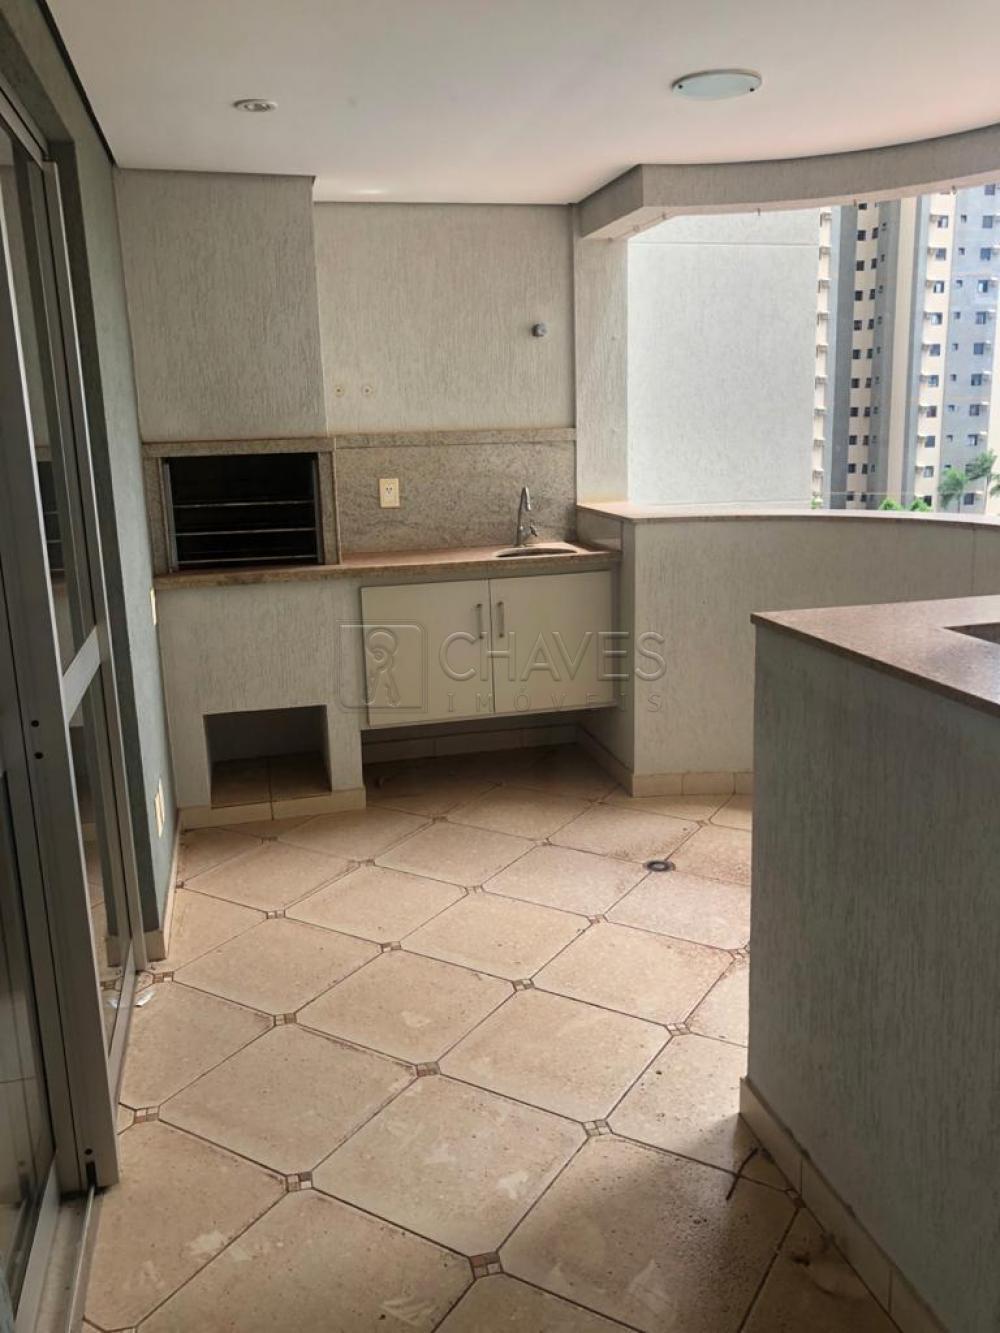 Comprar Apartamento / Padrão em Ribeirão Preto R$ 1.400.000,00 - Foto 2